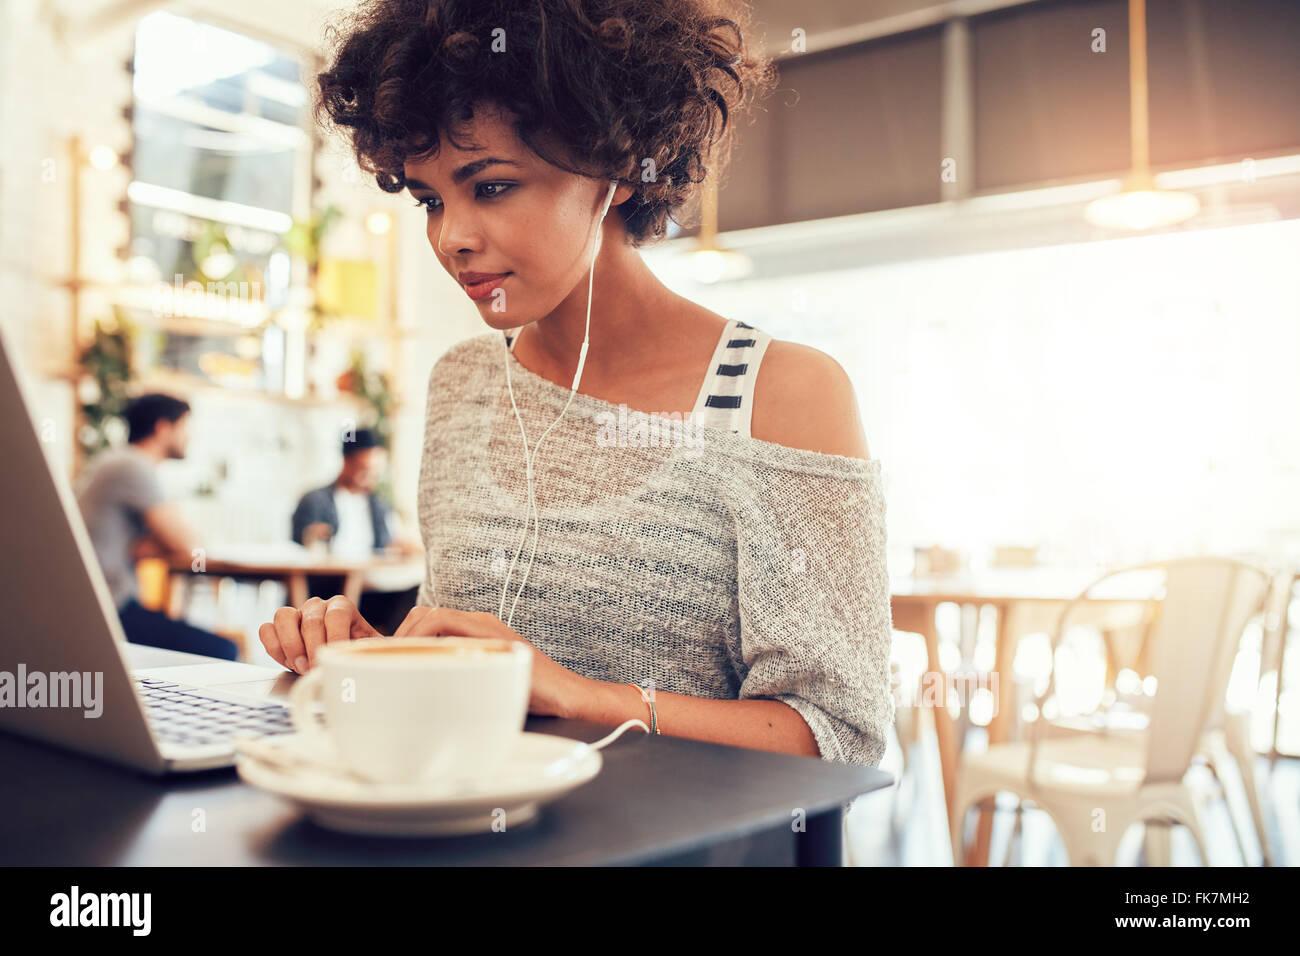 Retrato de un atractivo joven con auriculares con un portátil en un café. Afroamericana trabajando en Imagen De Stock